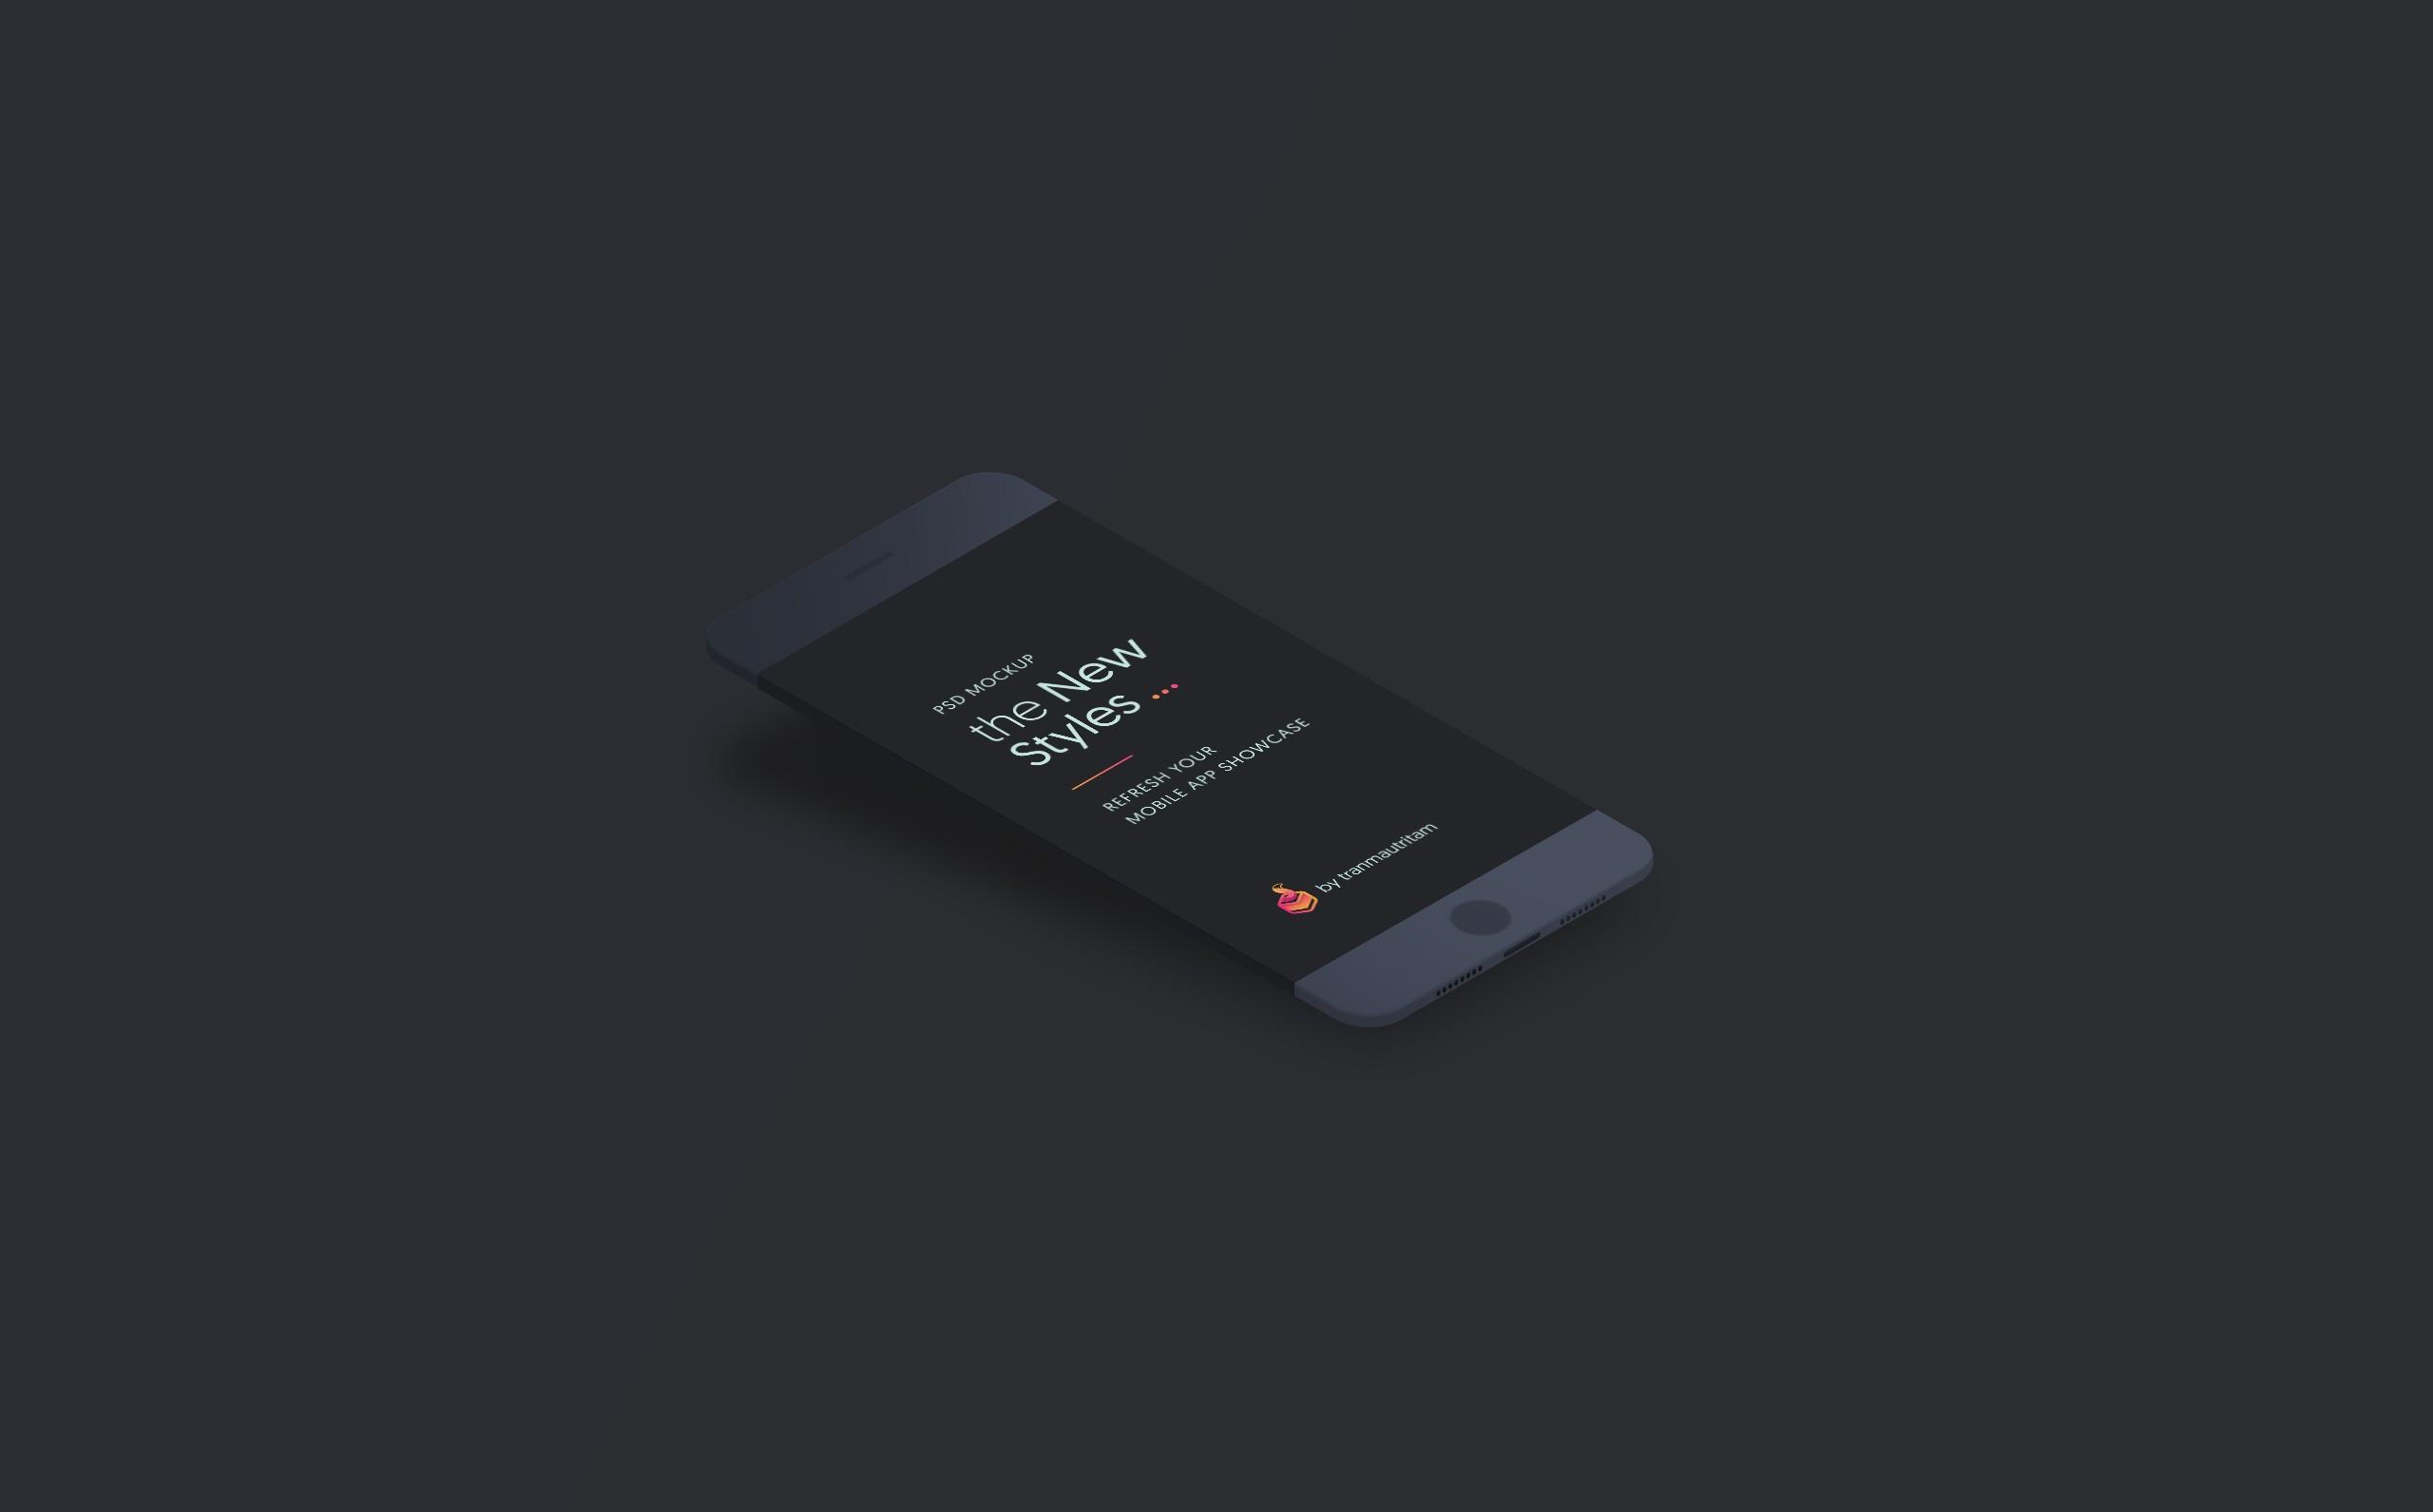 free minimal phone mockup